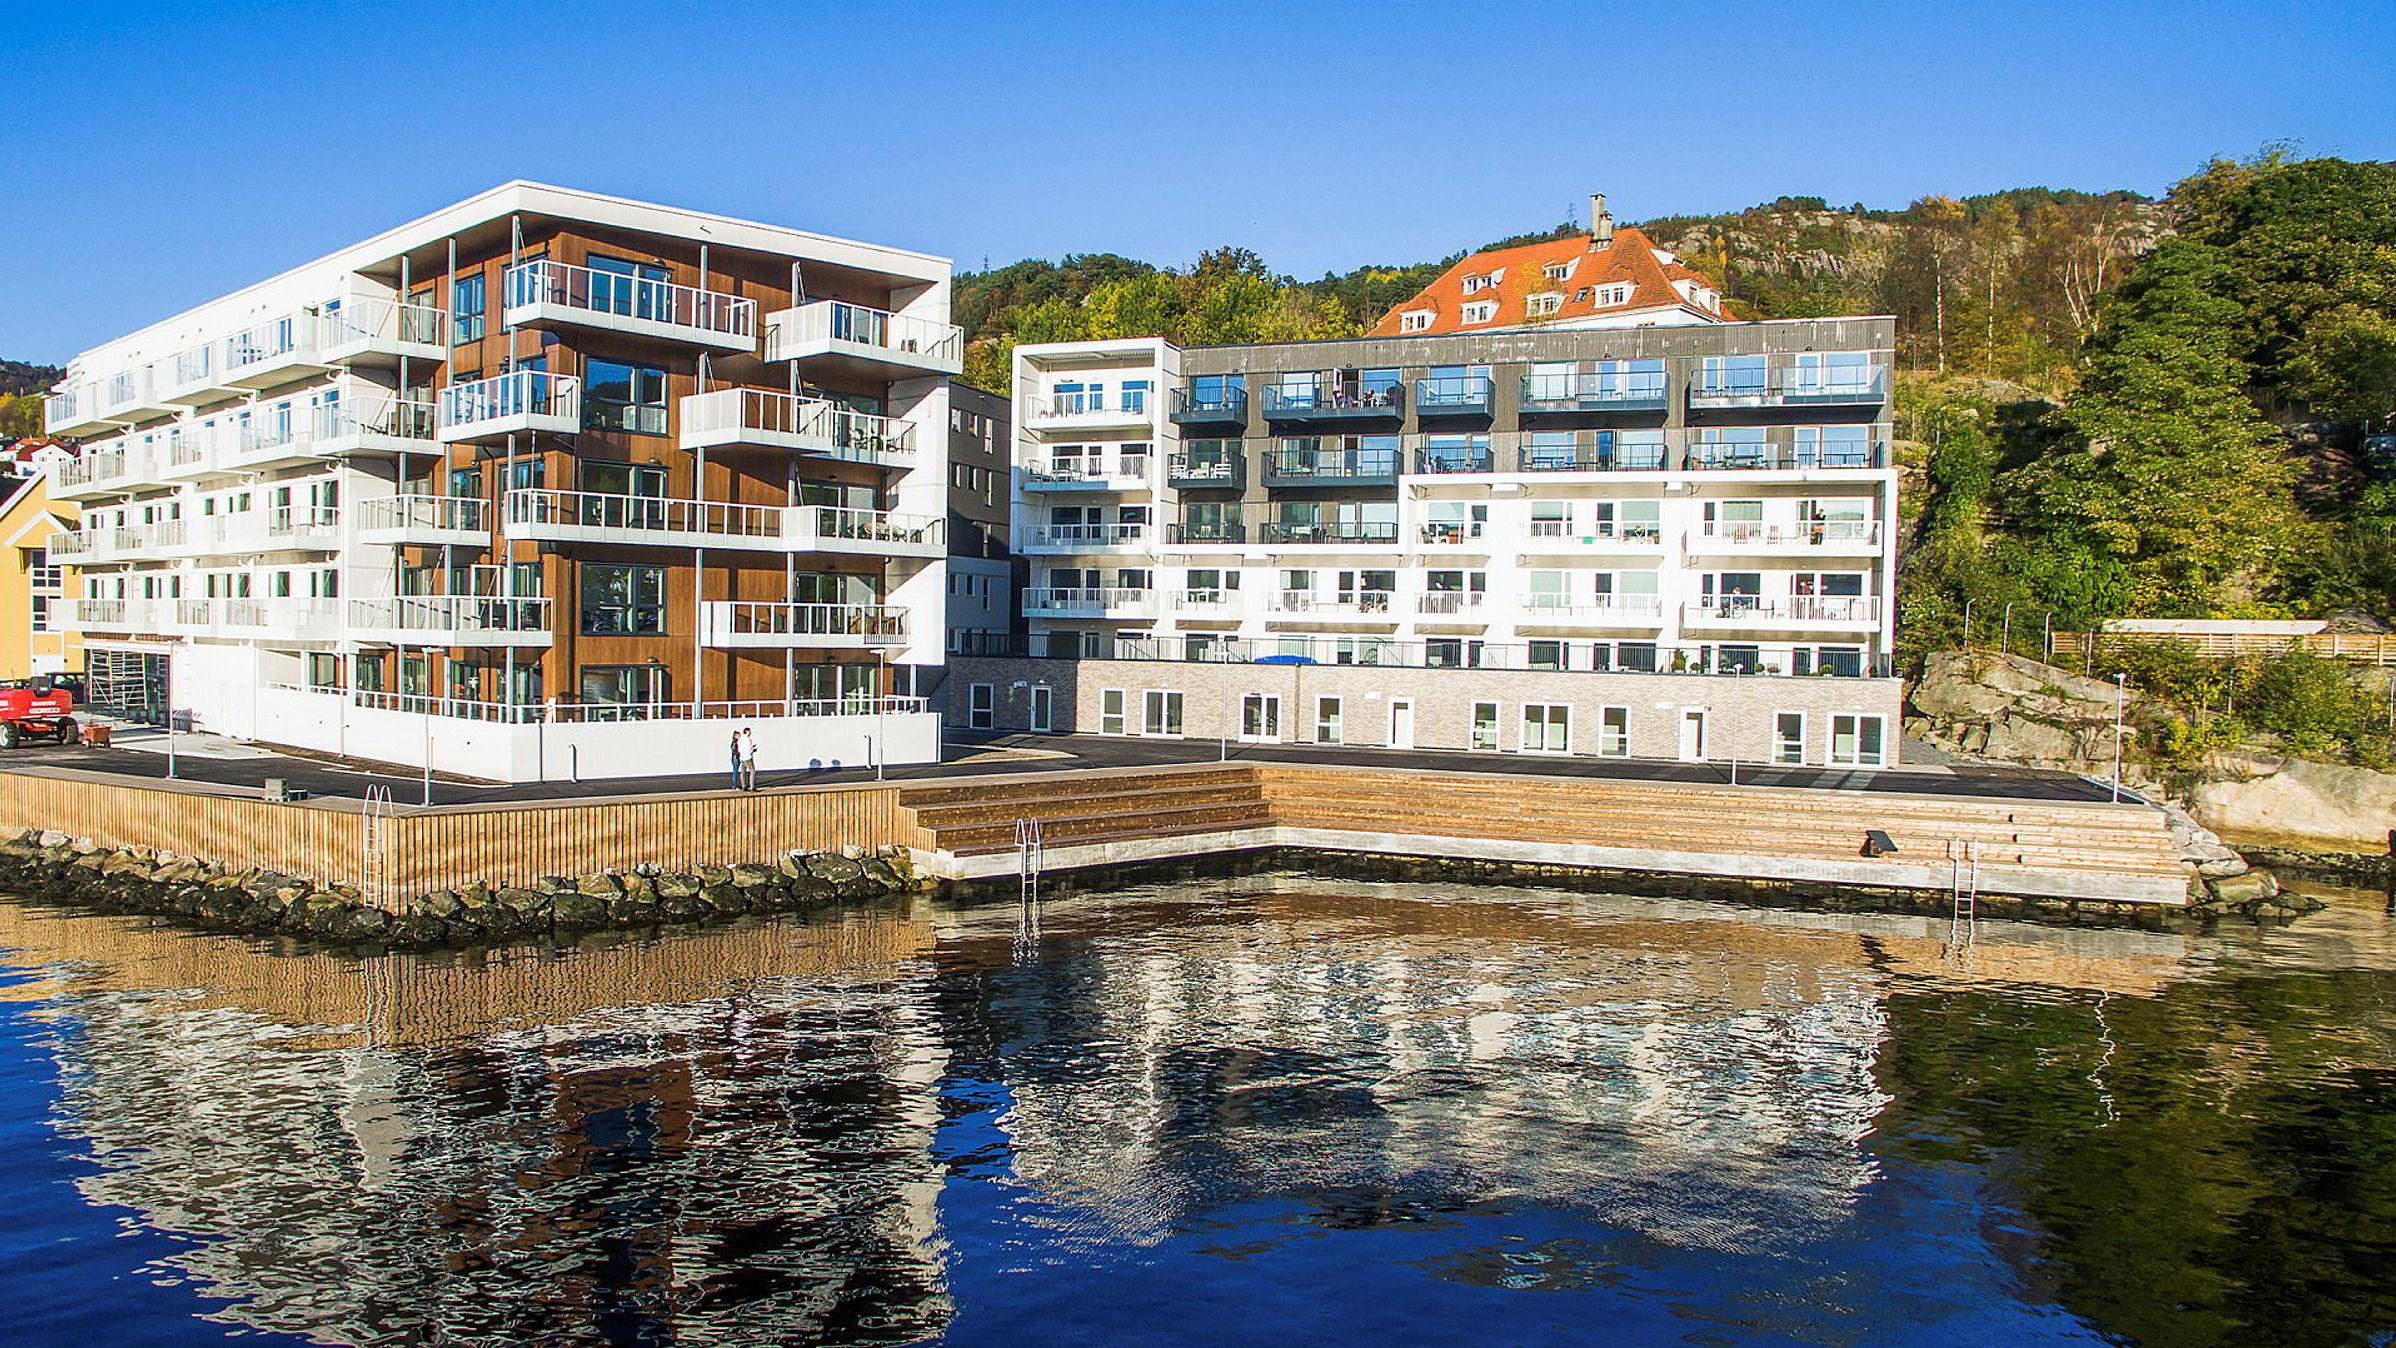 Boligprosjektet Nyhavn Brygge i Bergen, bygget av Selvaag Bolig.